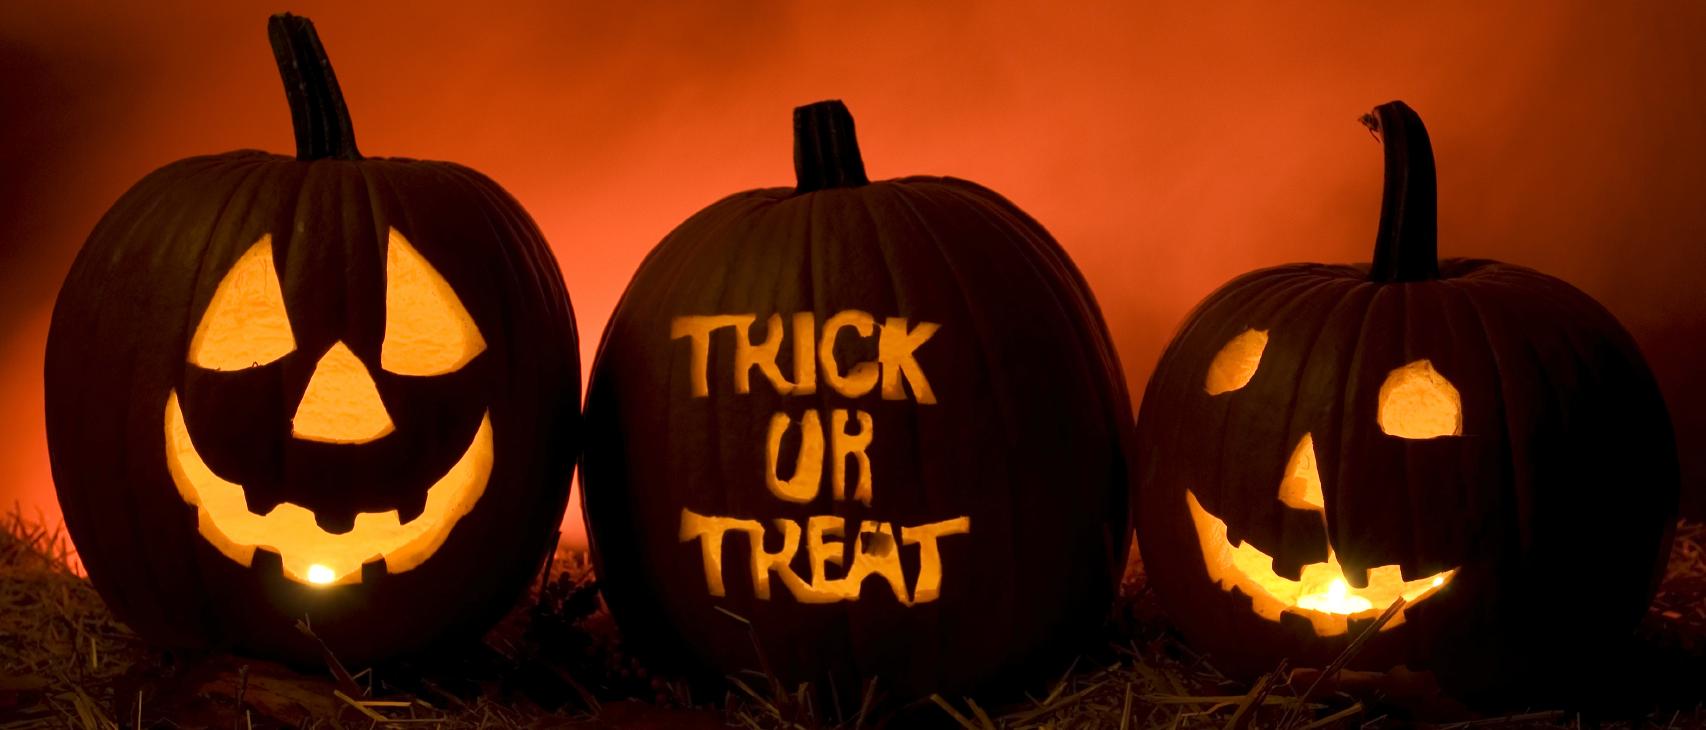 Prepare-se para assustar neste Halloween com o Snapchat! - http://www.showmetech.com.br/prepare-se-para-assuste-neste-halloween-com-o-snapchat/